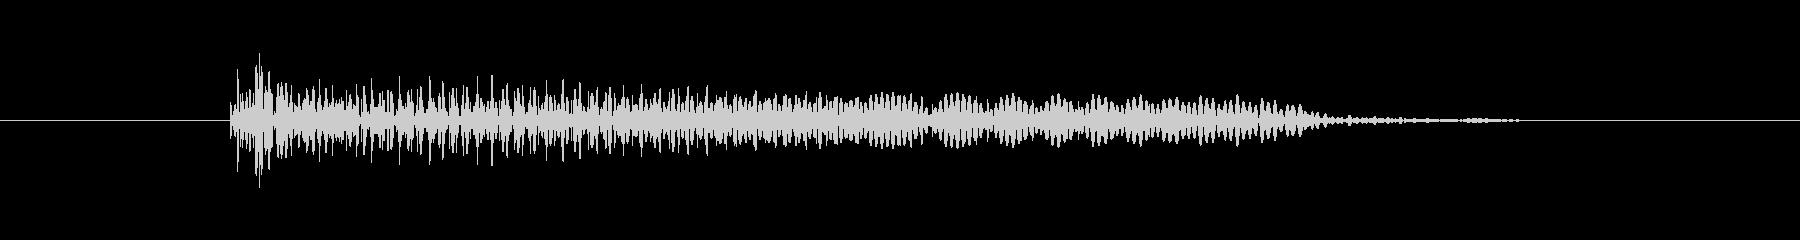 デューン 映画のCMの未再生の波形